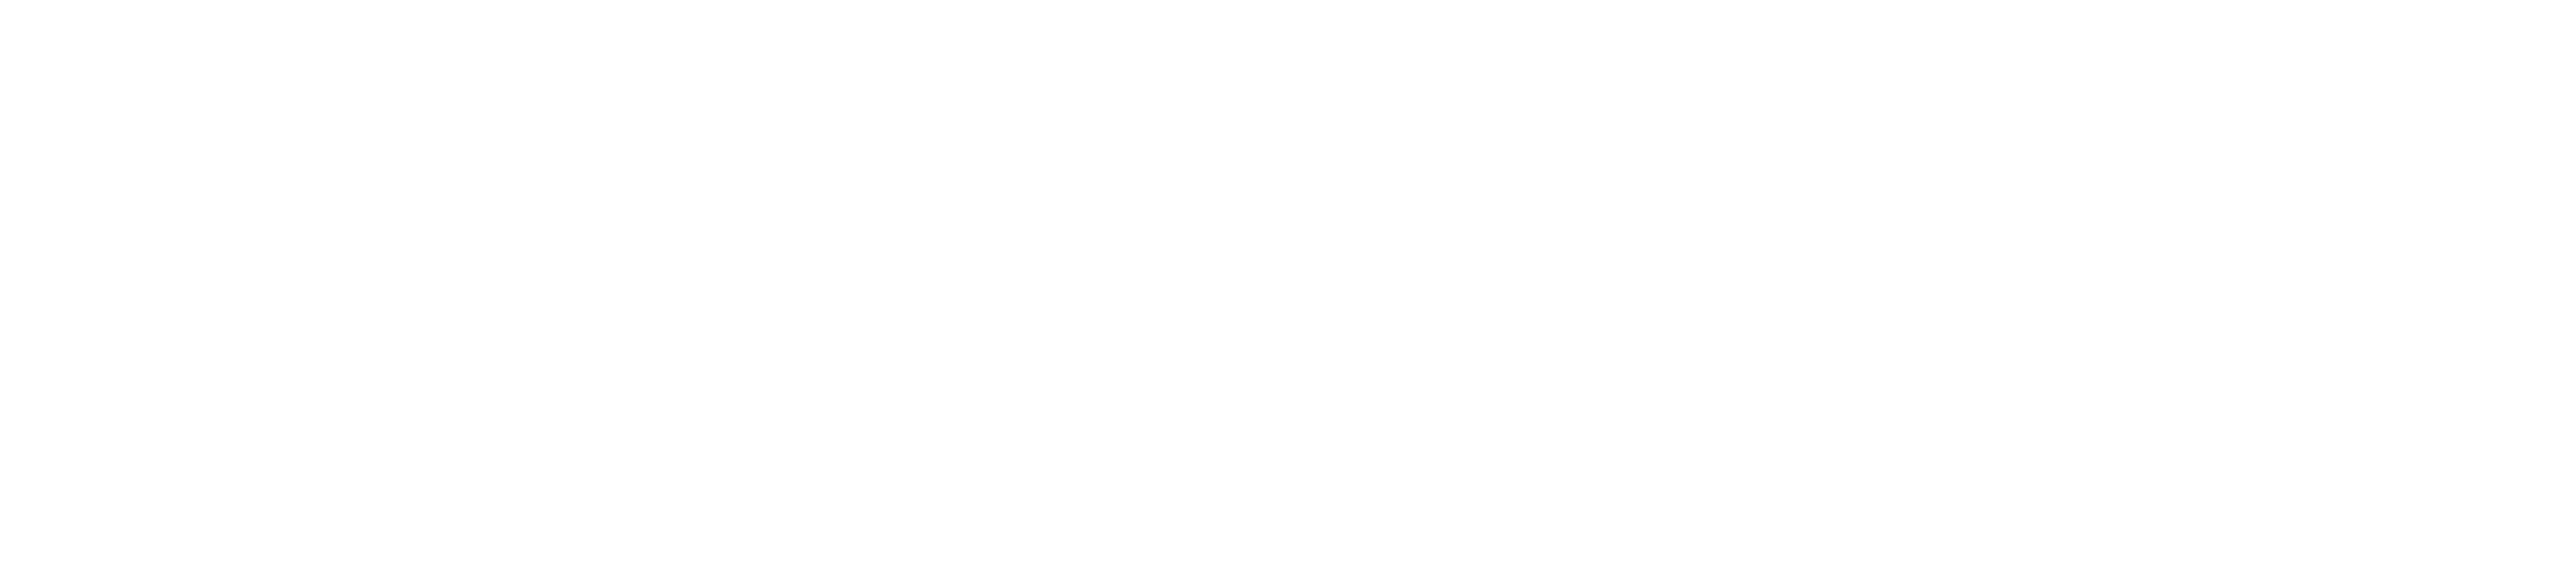 广州国际智能制造系列工业展